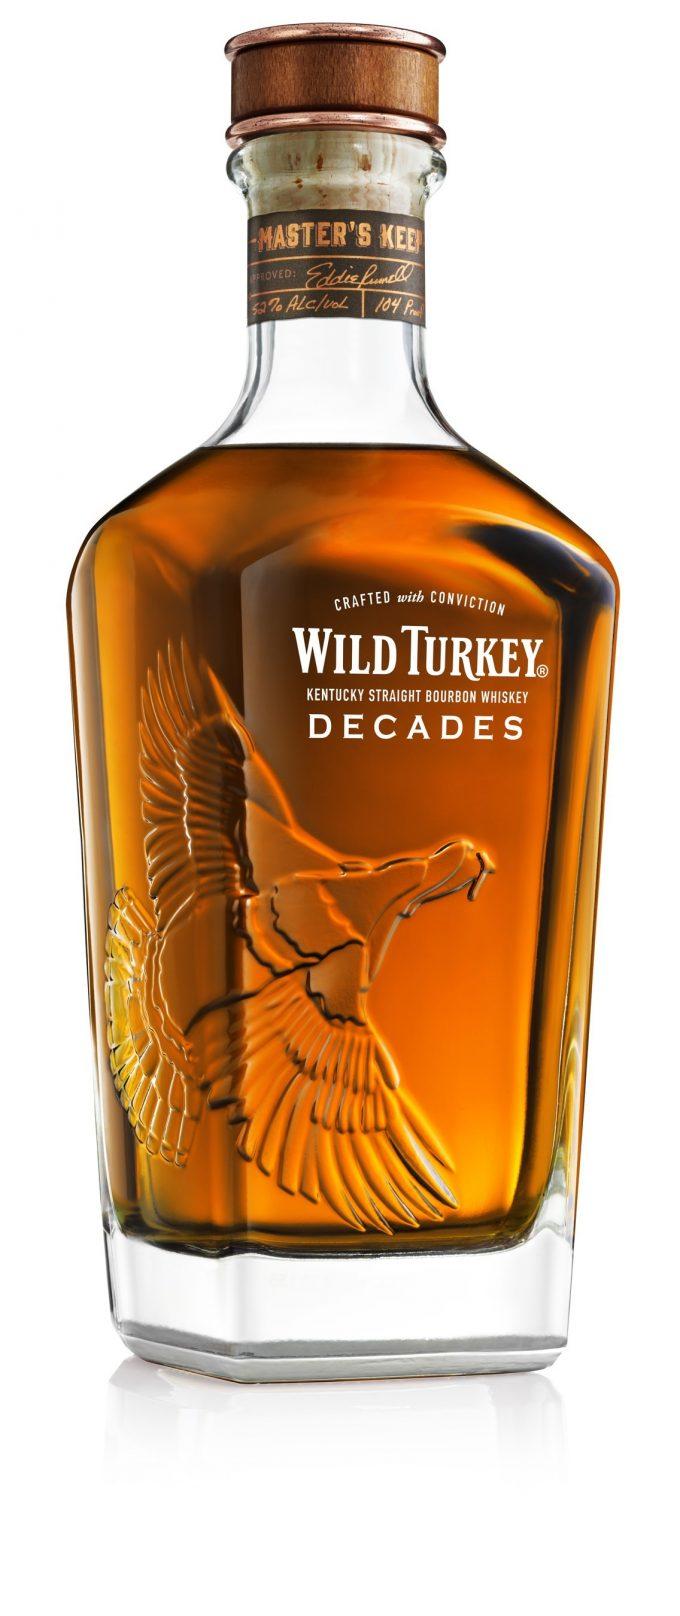 Wild Turkey unveils Master's Keep Decades limited edition Bourbon